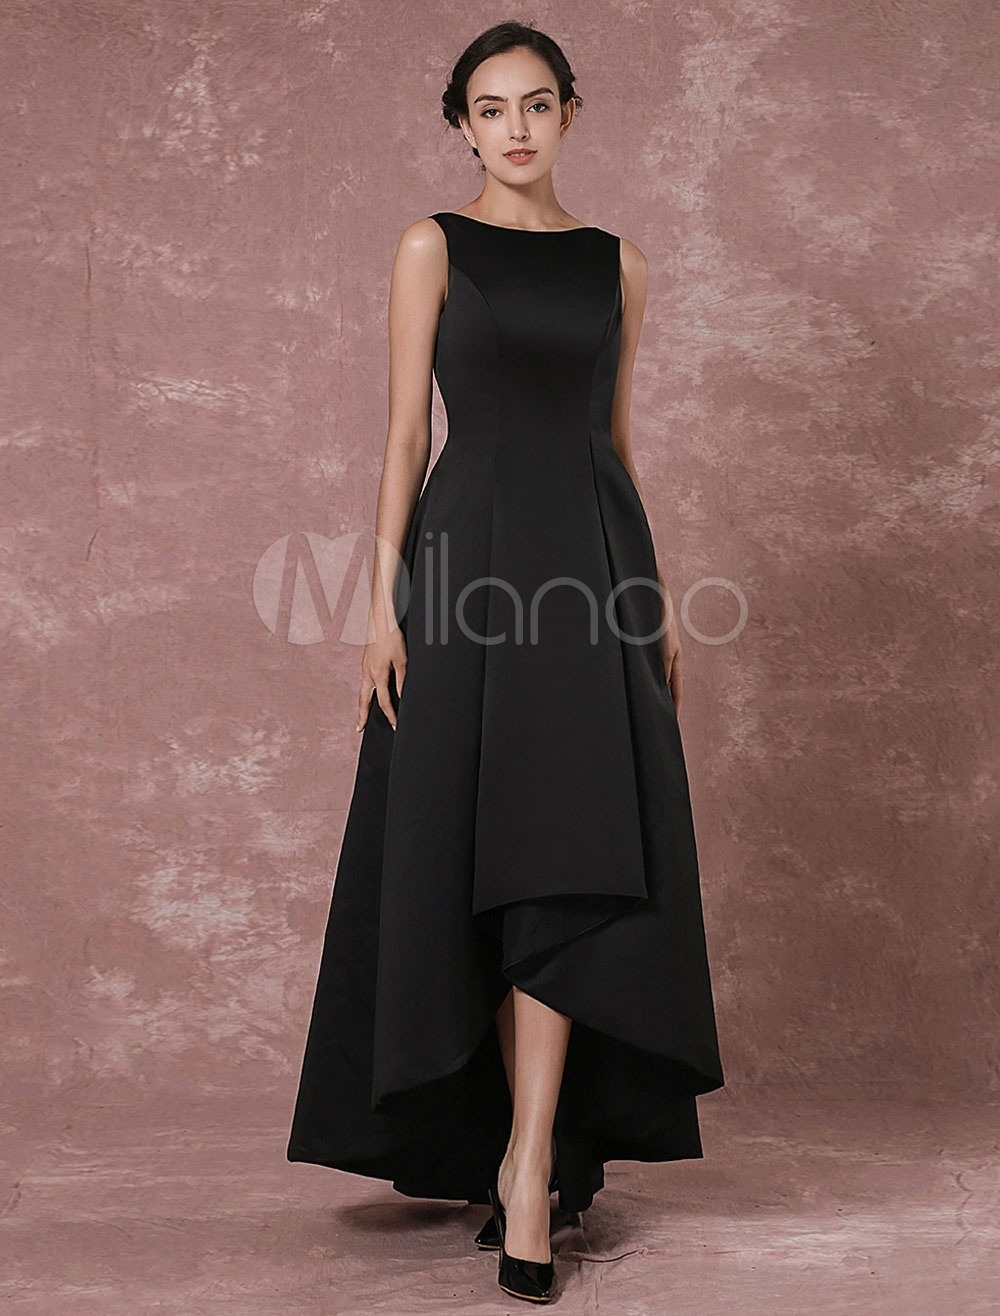 20 Elegant Moderne Lange Kleider Stylish10 Schön Moderne Lange Kleider für 2019